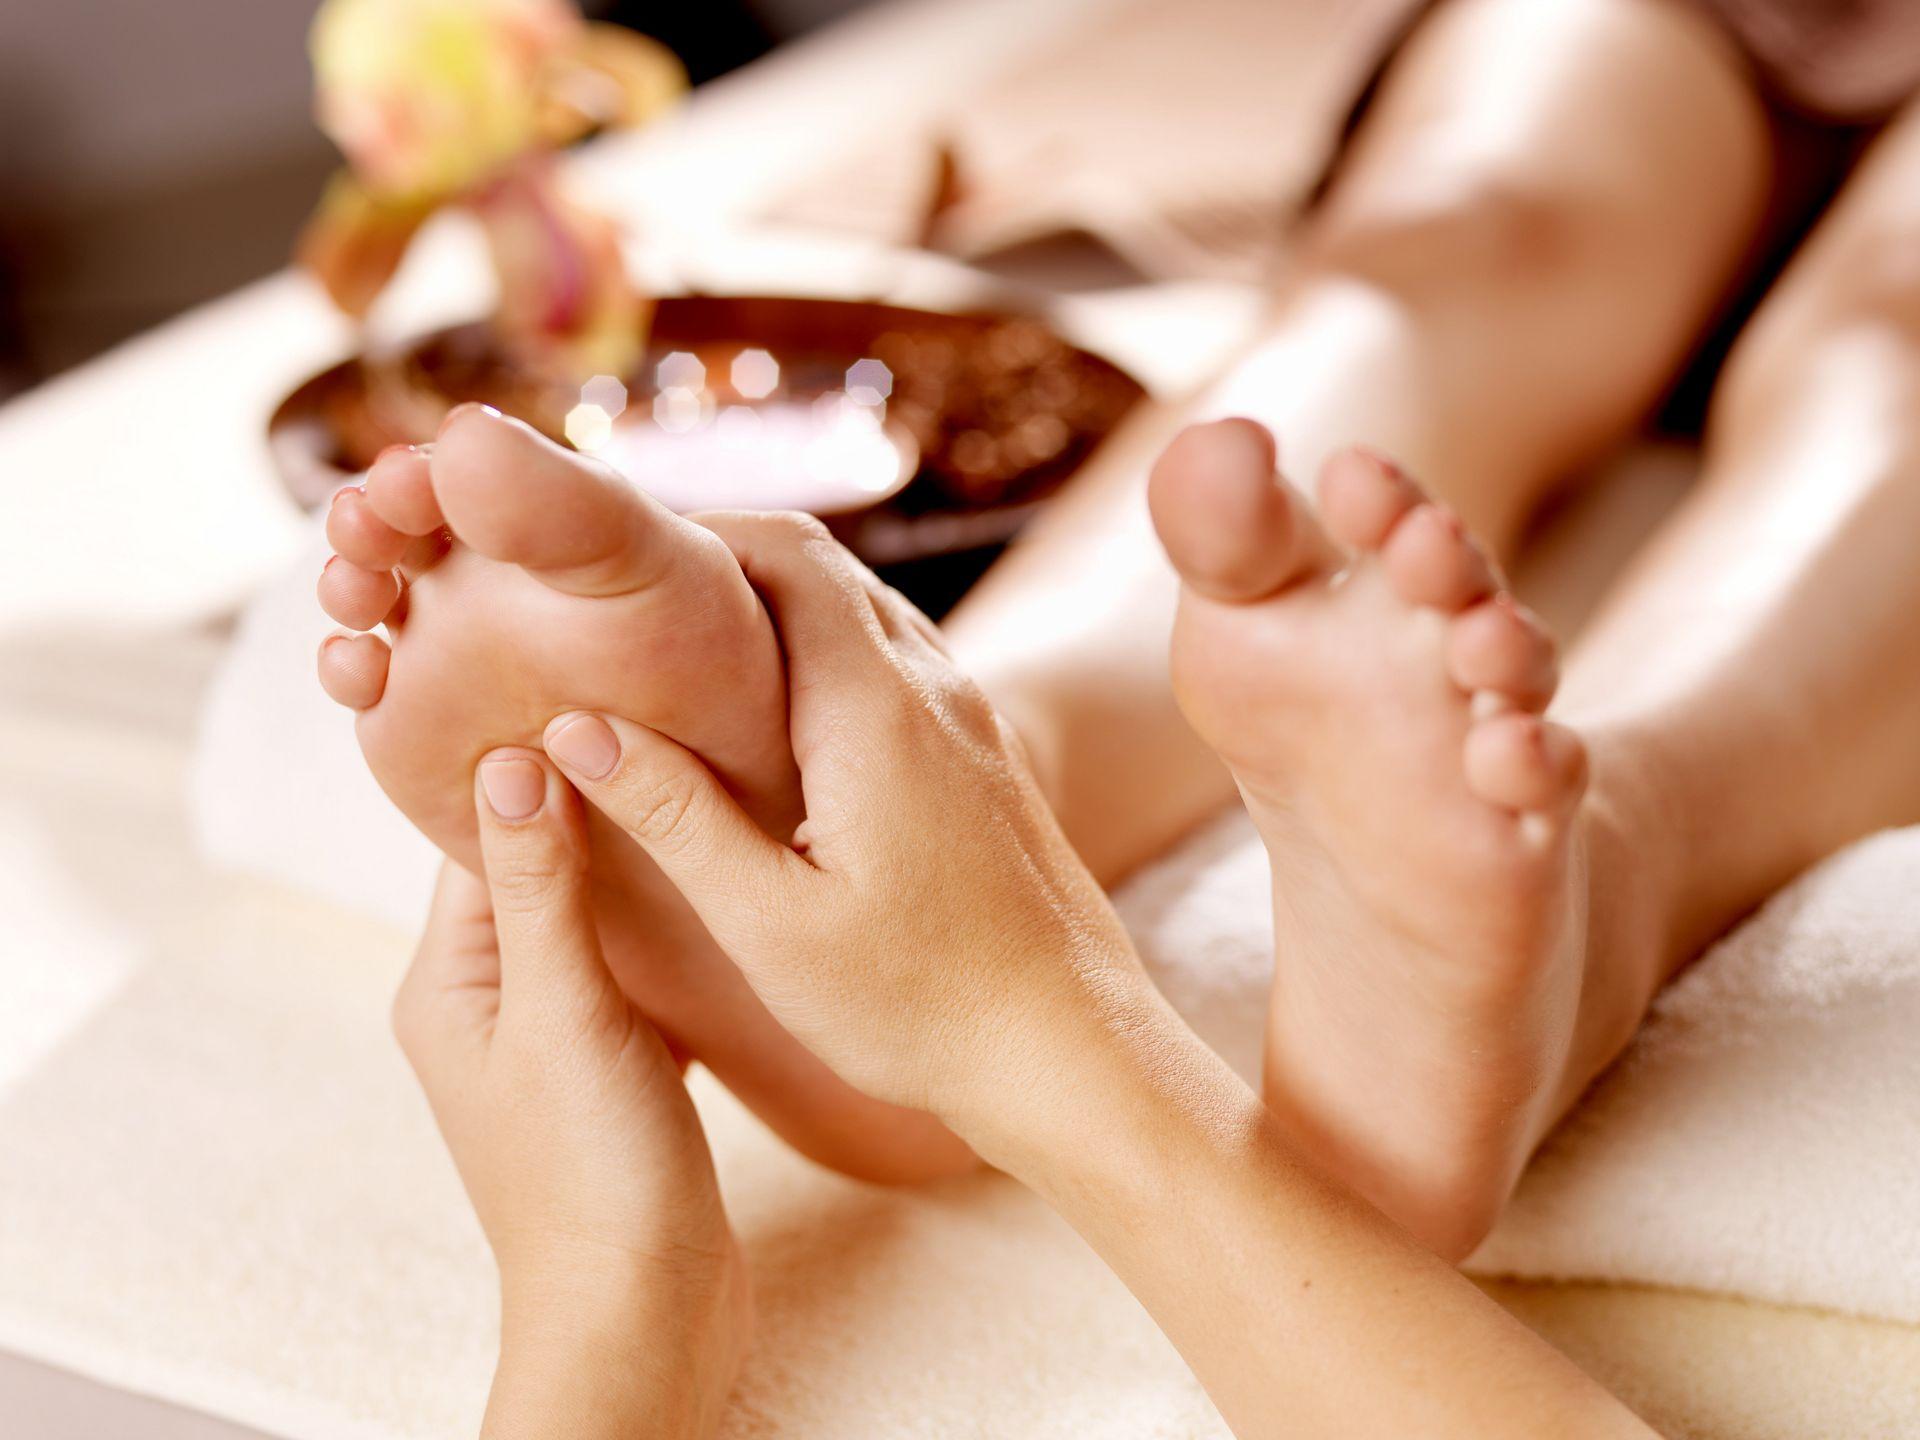 elfordítja a lábak fájó ízületeit)